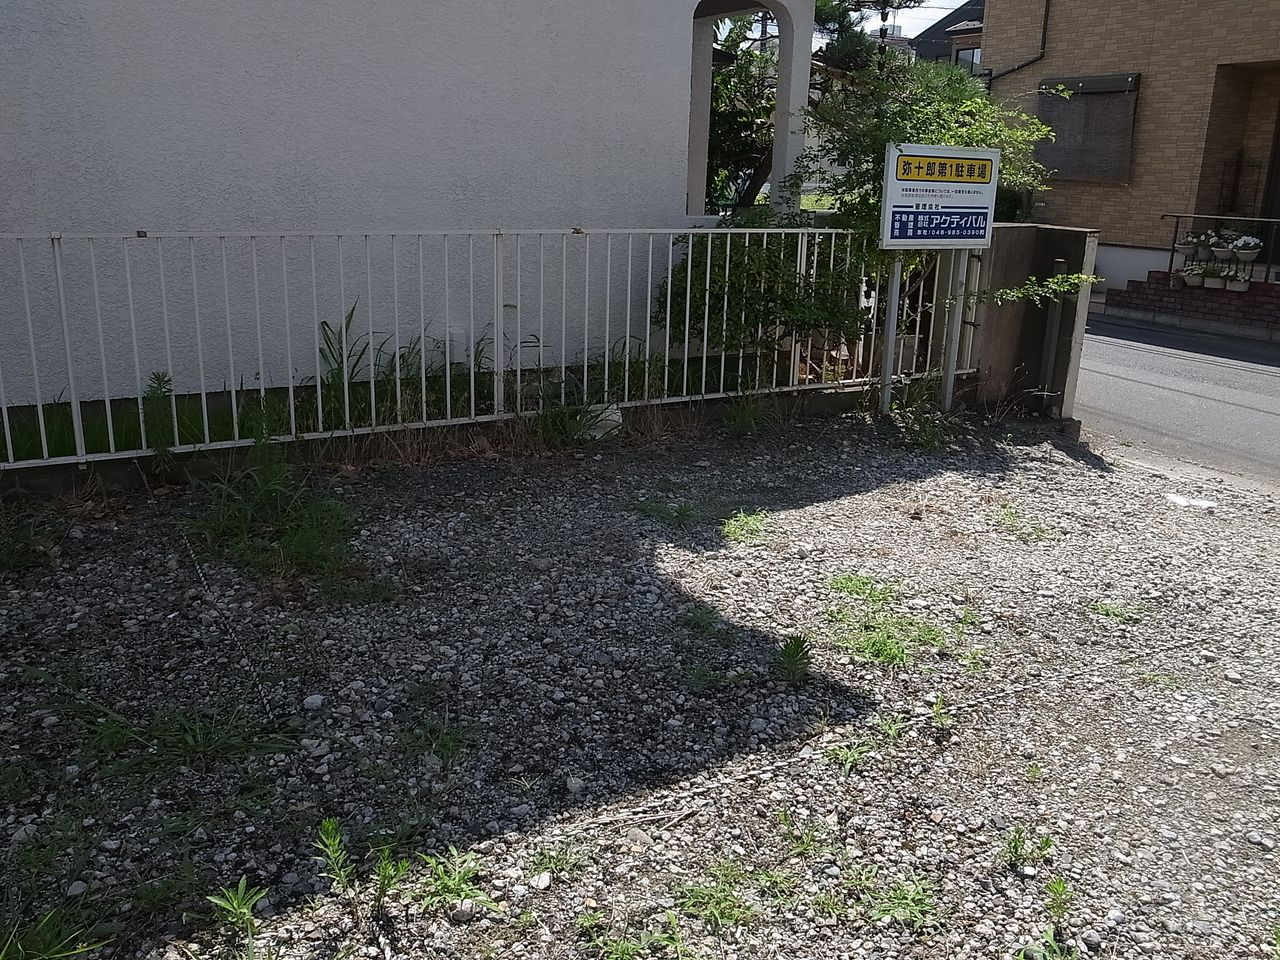 7月の月極駐車場除草作業 ~アクティバルの月極駐車場管理②~